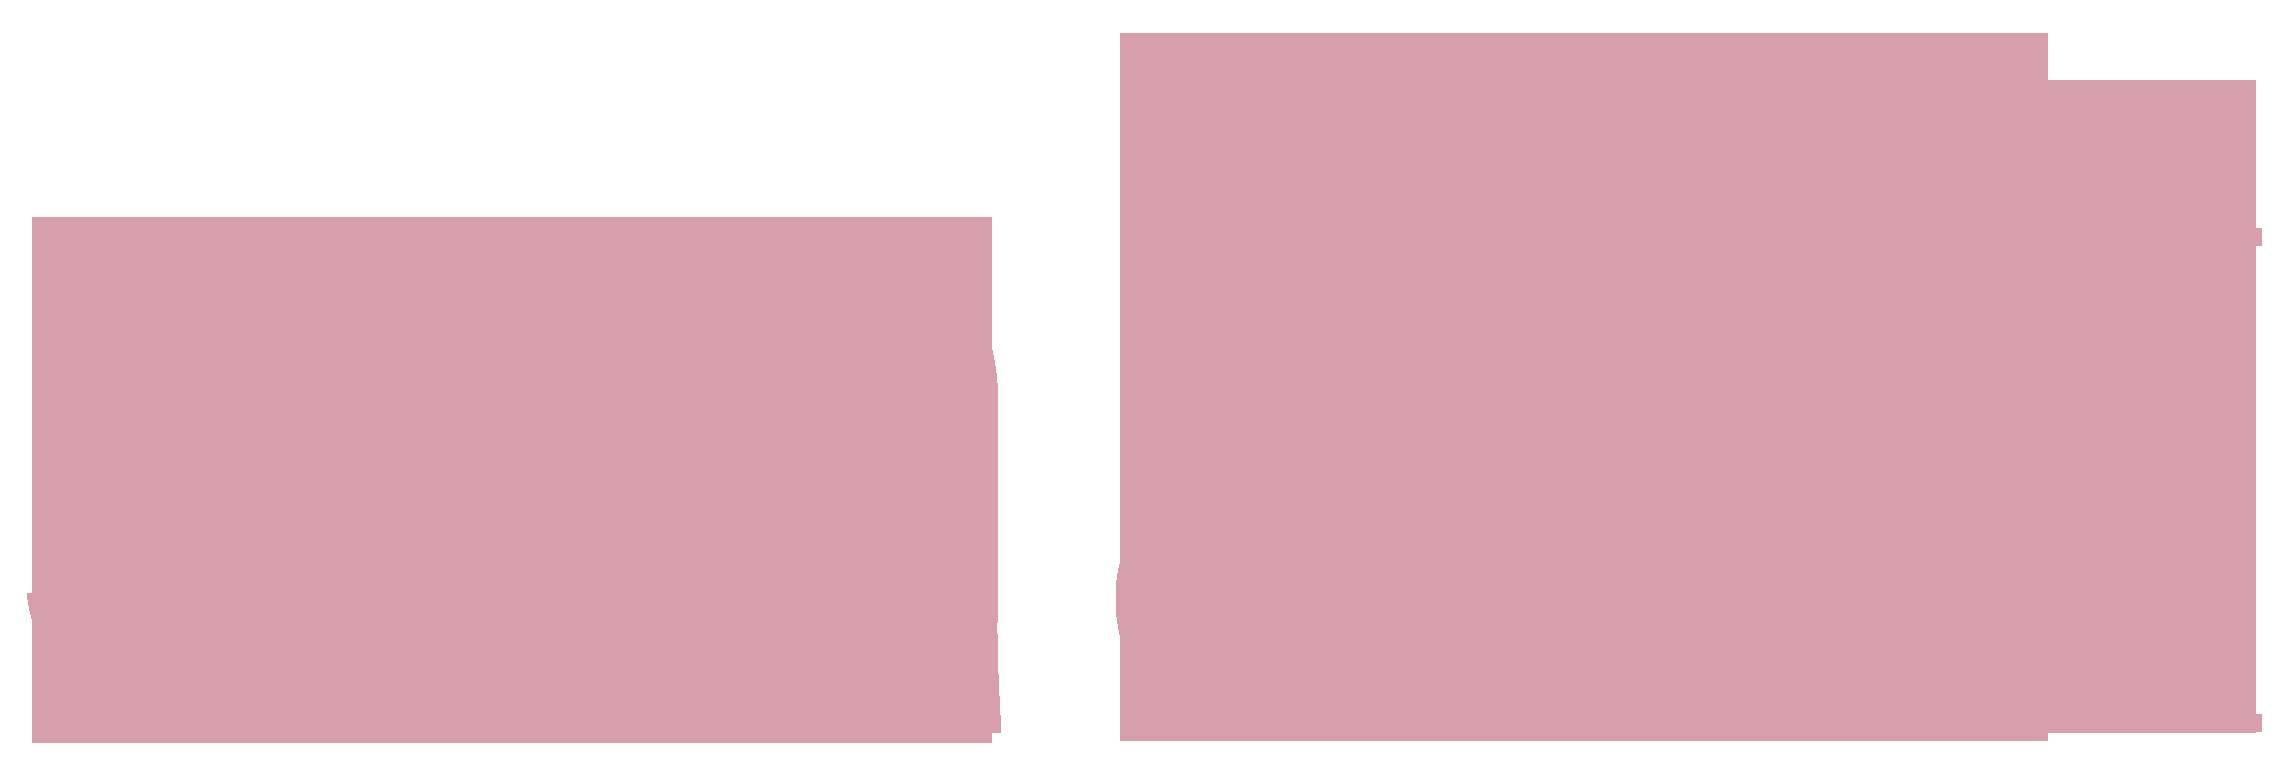 Saalt